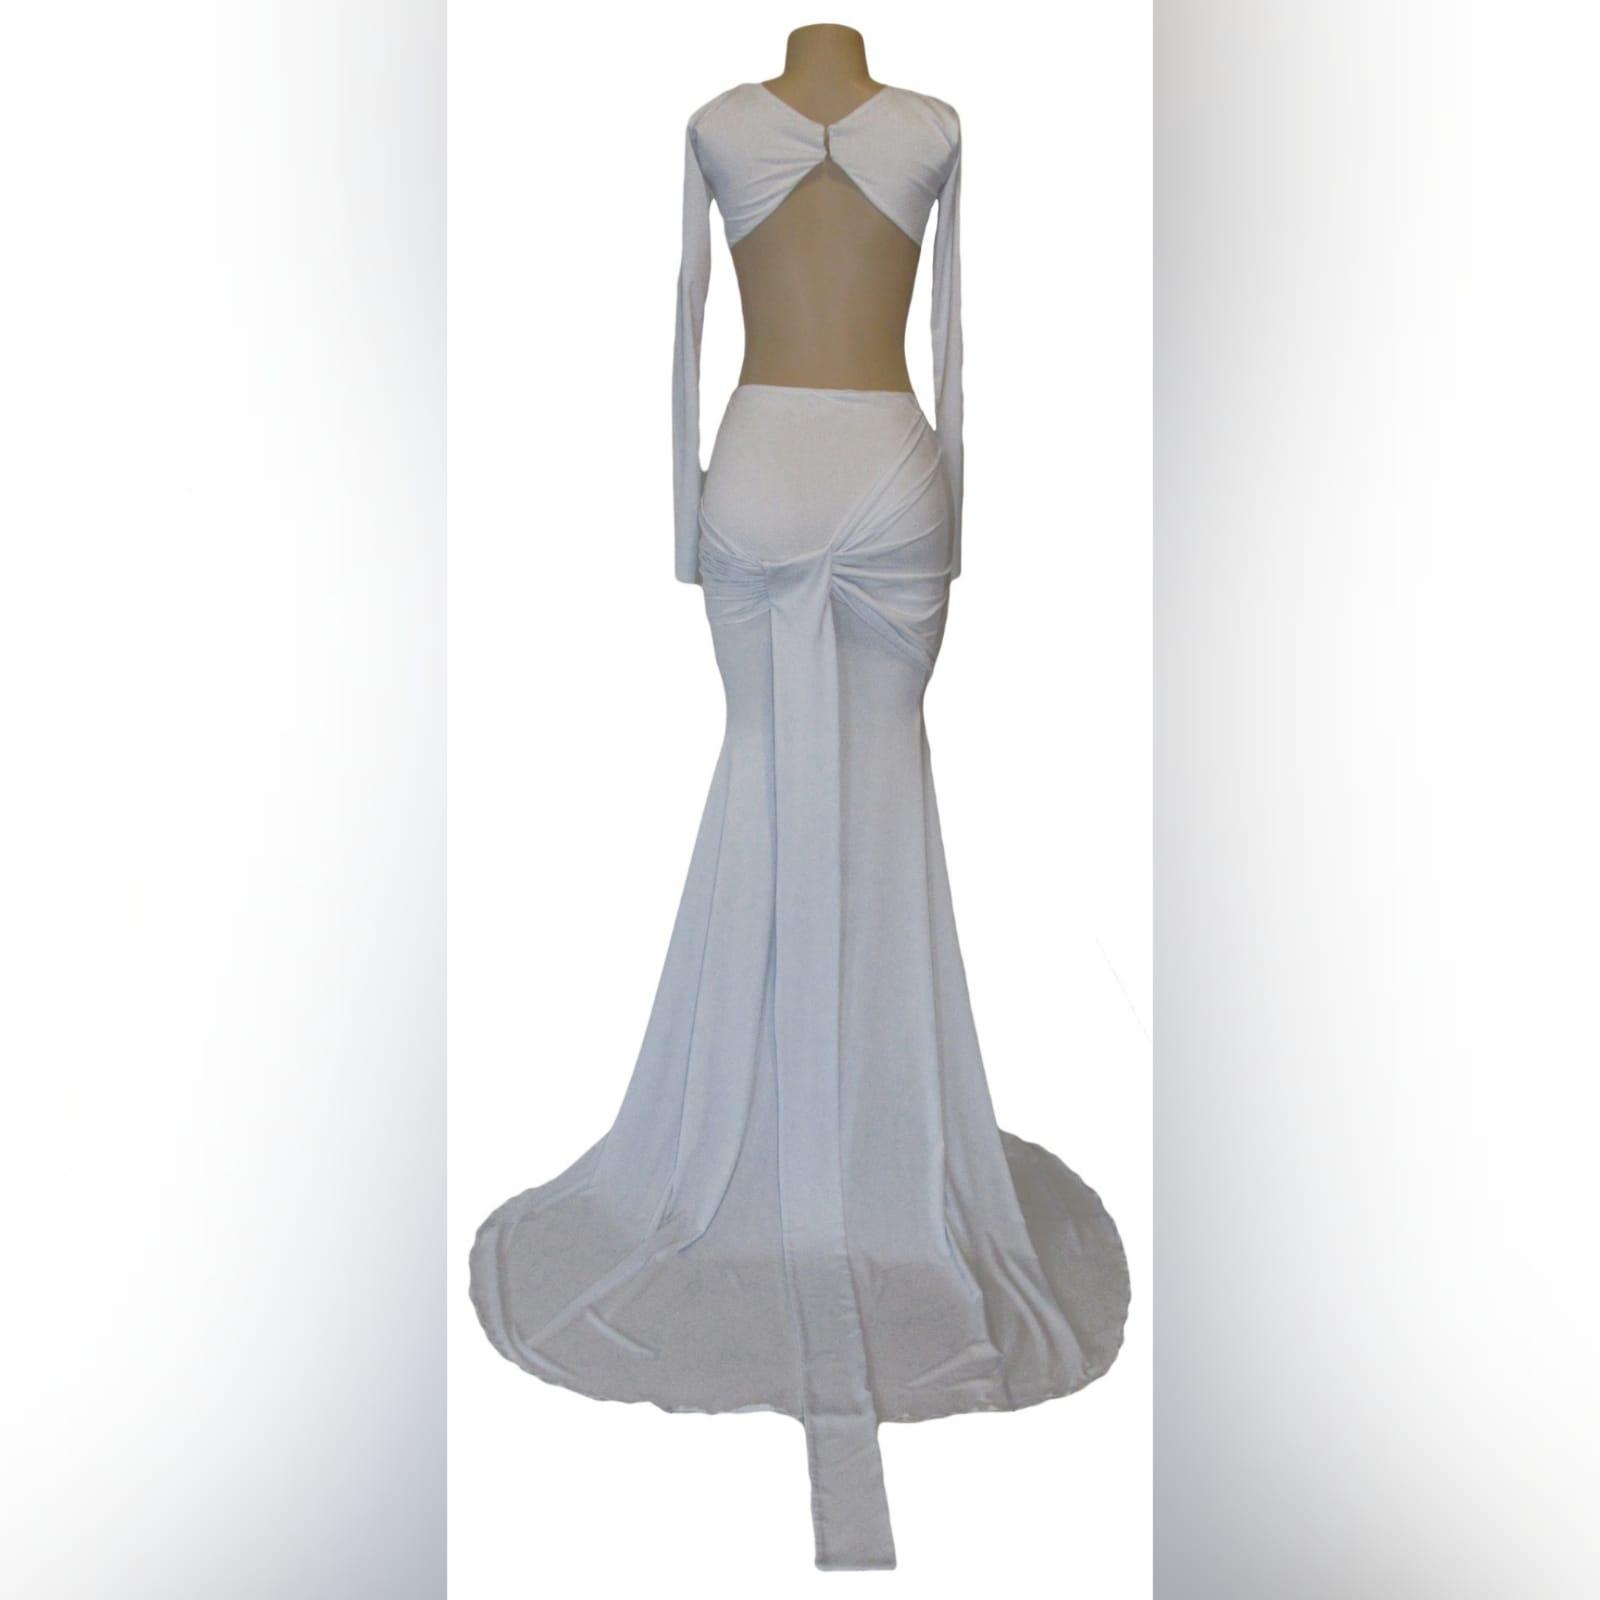 Vestido branco de 2 peças formal 4 vestido branco de 2 peças formal com top curto, mangas compridas, saia estilo sereia com ancas plissadas e uma cauda.